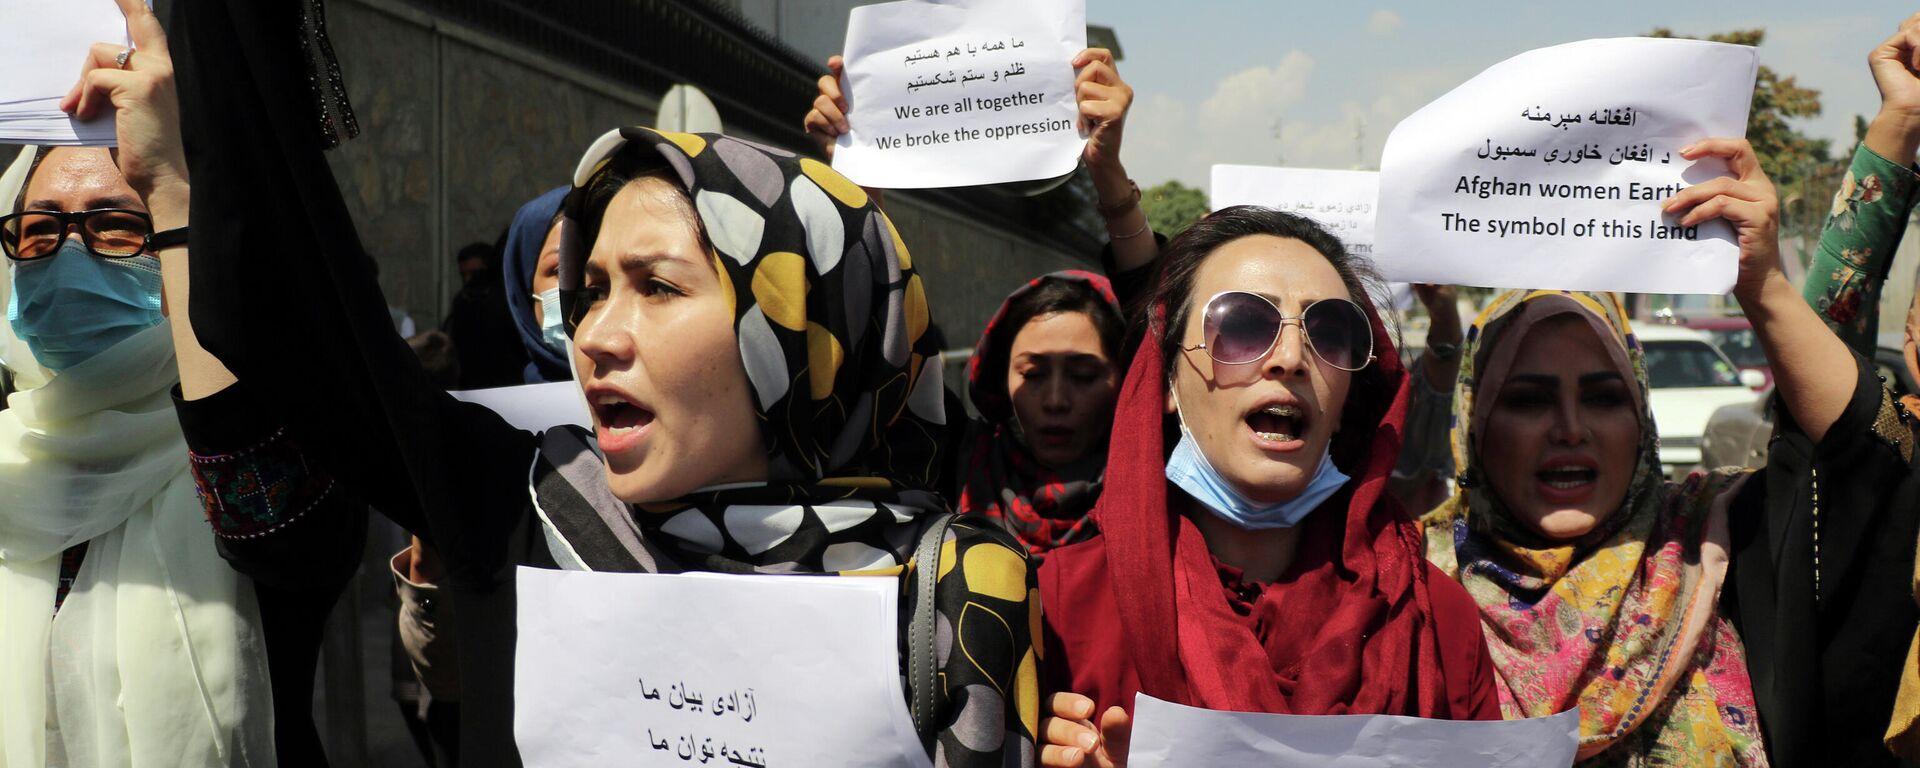 Afghanische Frauen bei der Demonstration in Kabul - SNA, 1920, 04.09.2021